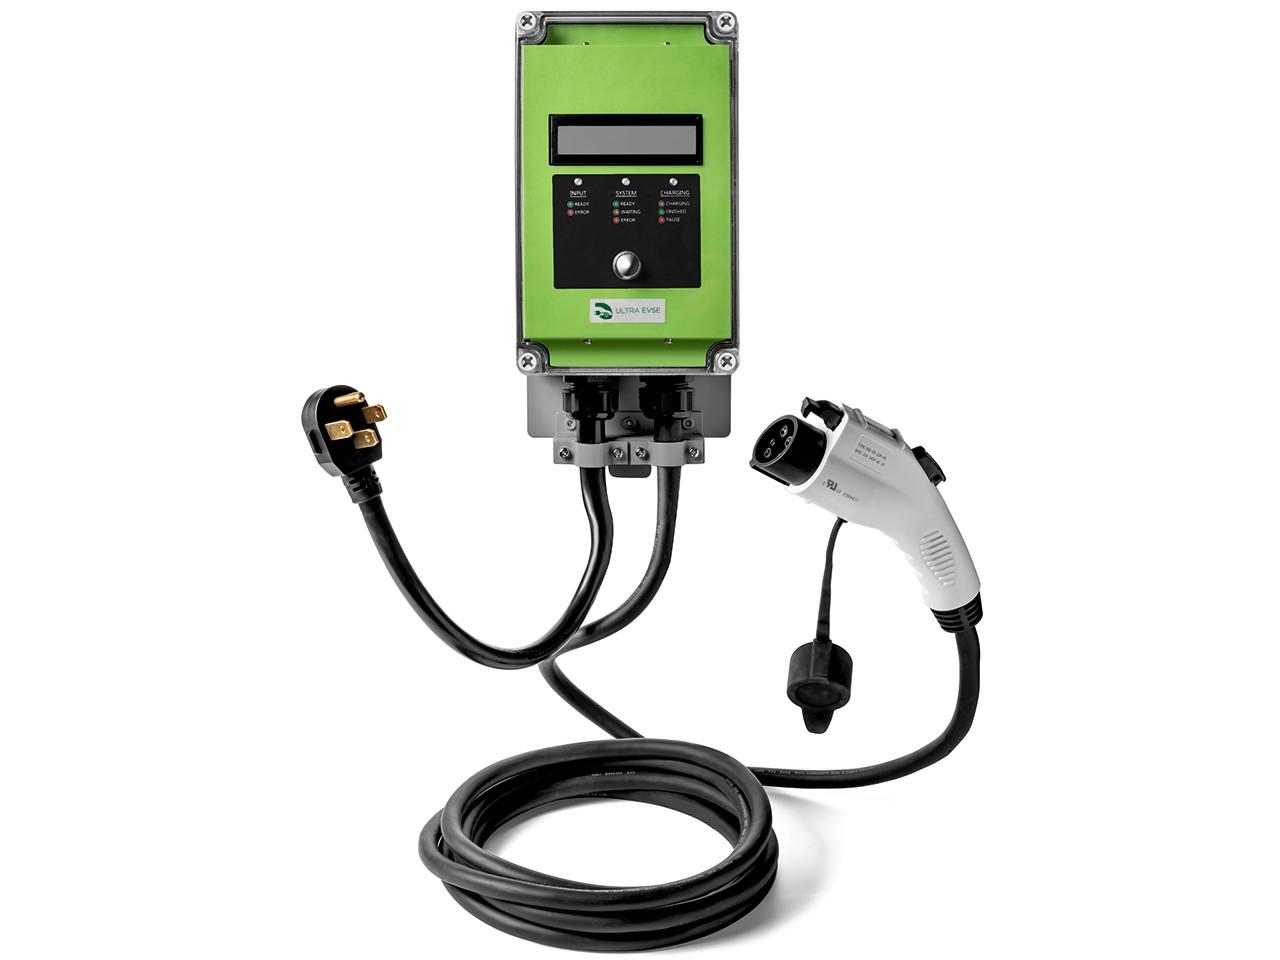 Ultra 32 Amp Electric Vehicle EV Charging Station J1772 NEMA 14-50 240V Level 2 18ft EVSE with Display- Lime